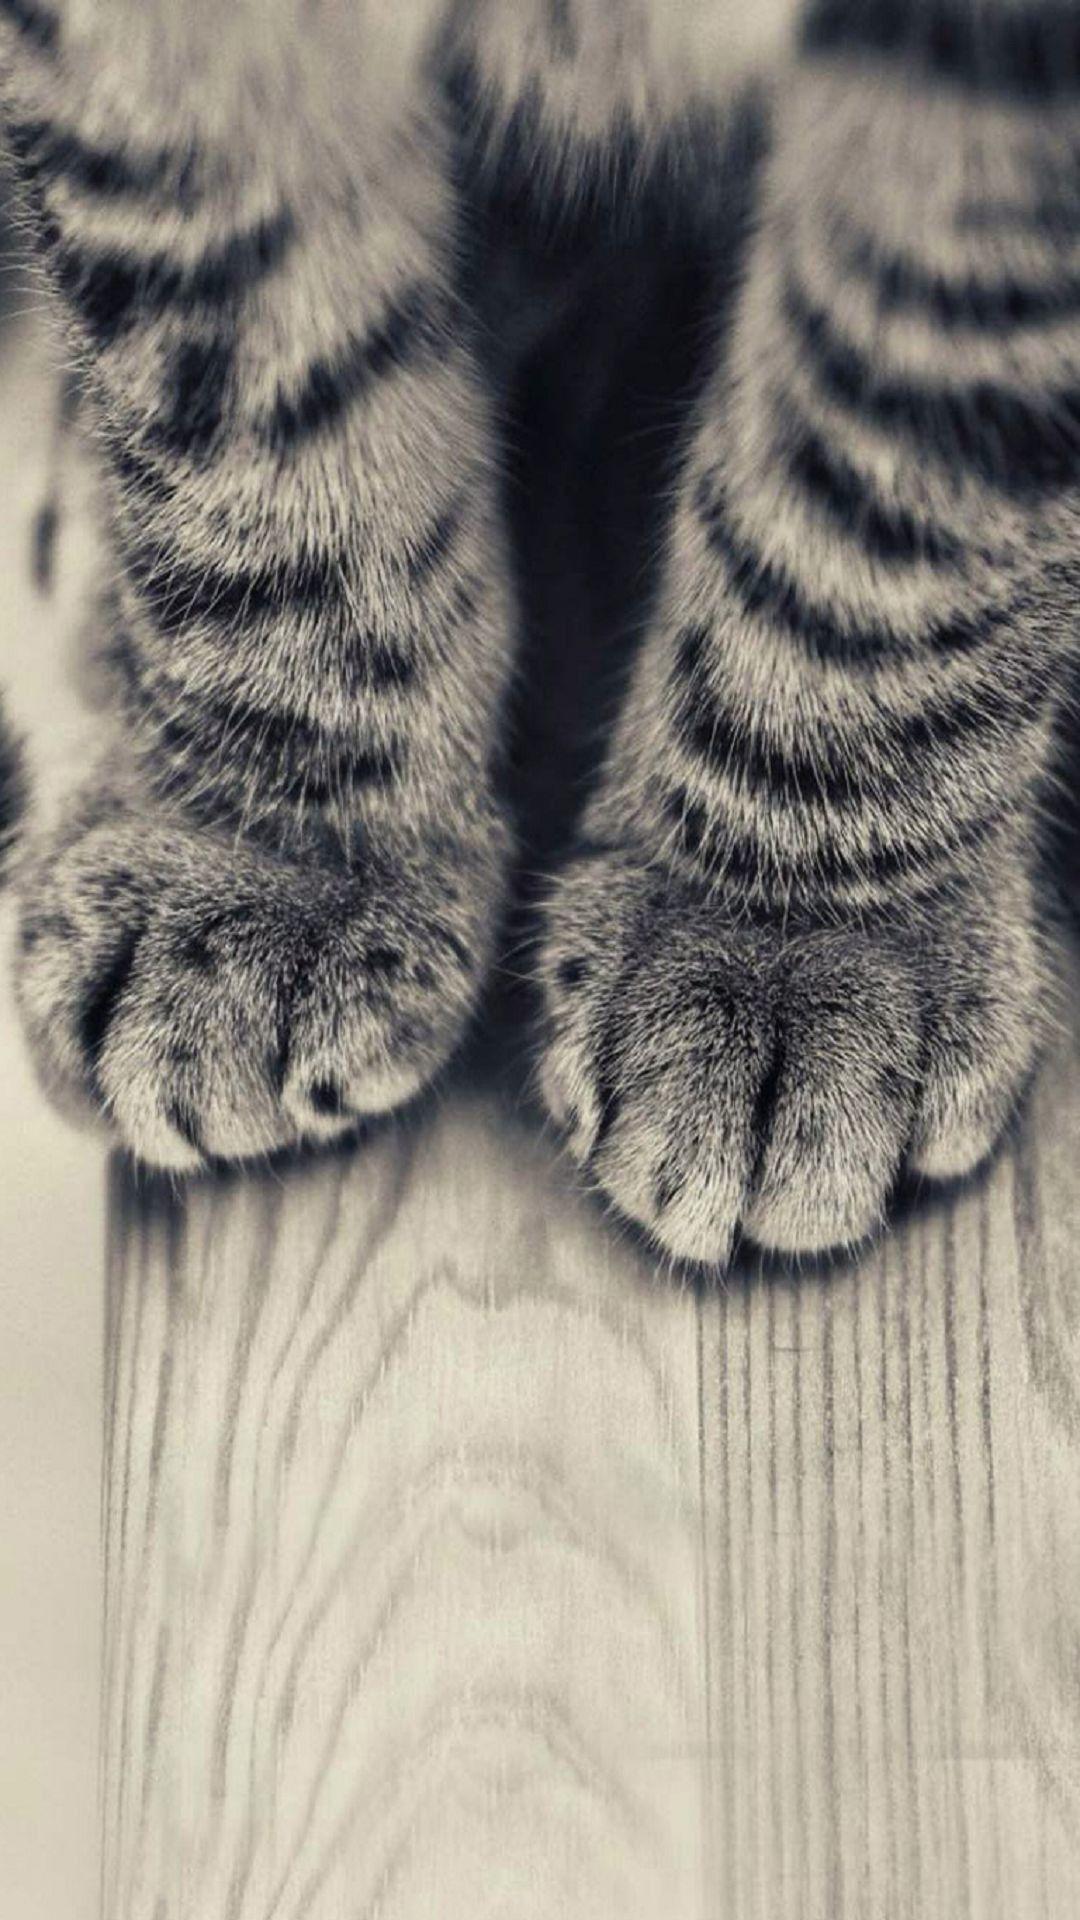 Обои Кошка. Кошки foto 8